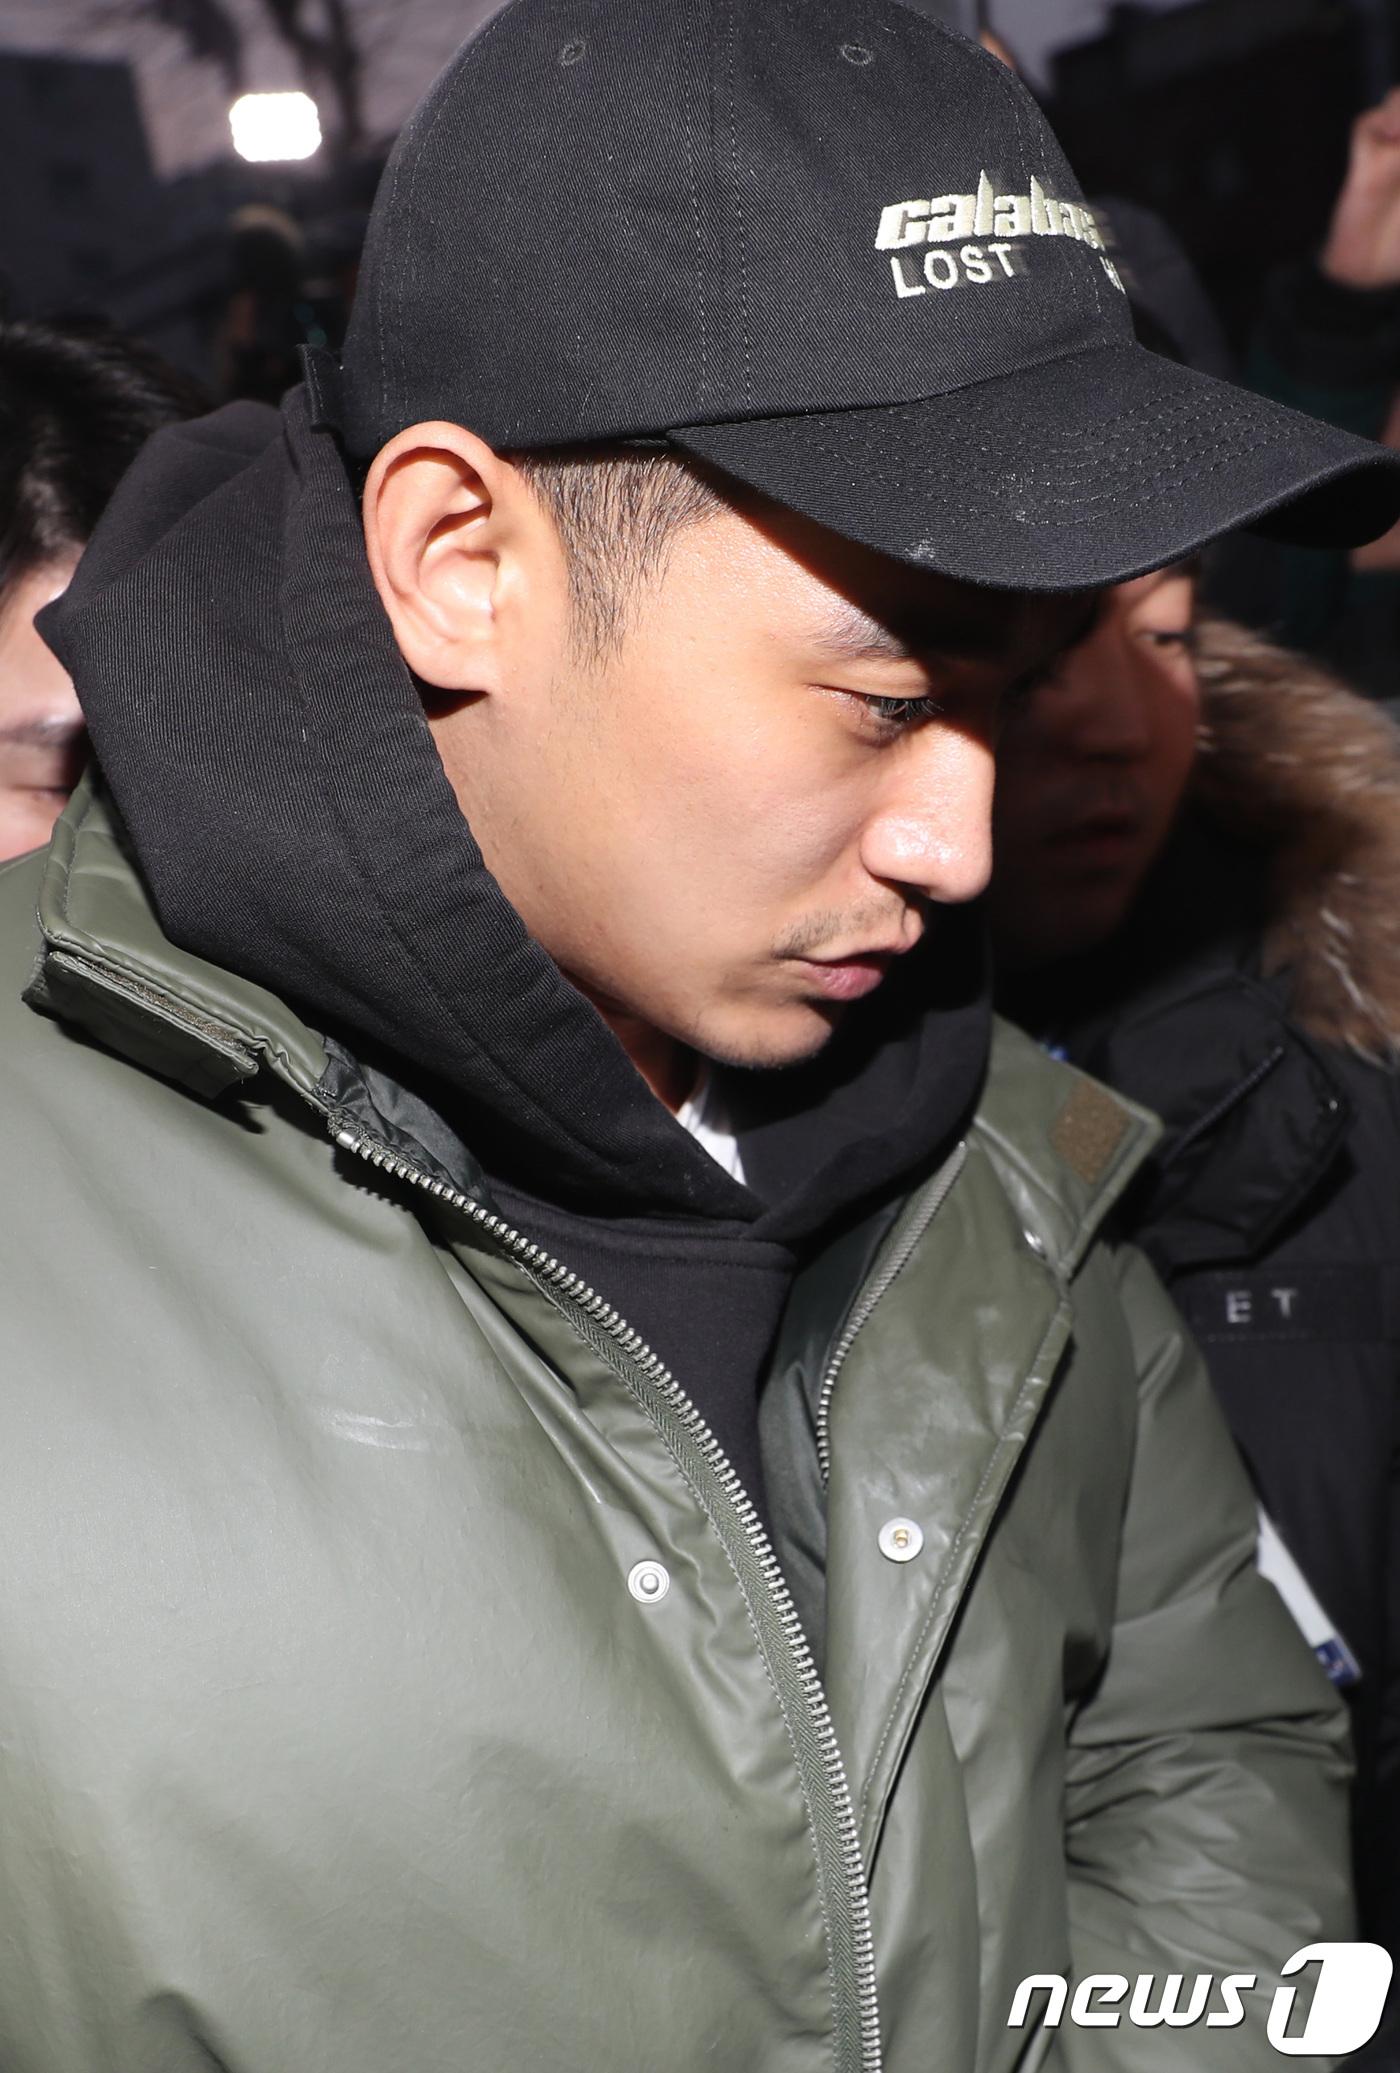 [단독] '마약혐의' 정석원, '킹덤' 하차 않기로..남은 촬영 불가피 #뉴스1